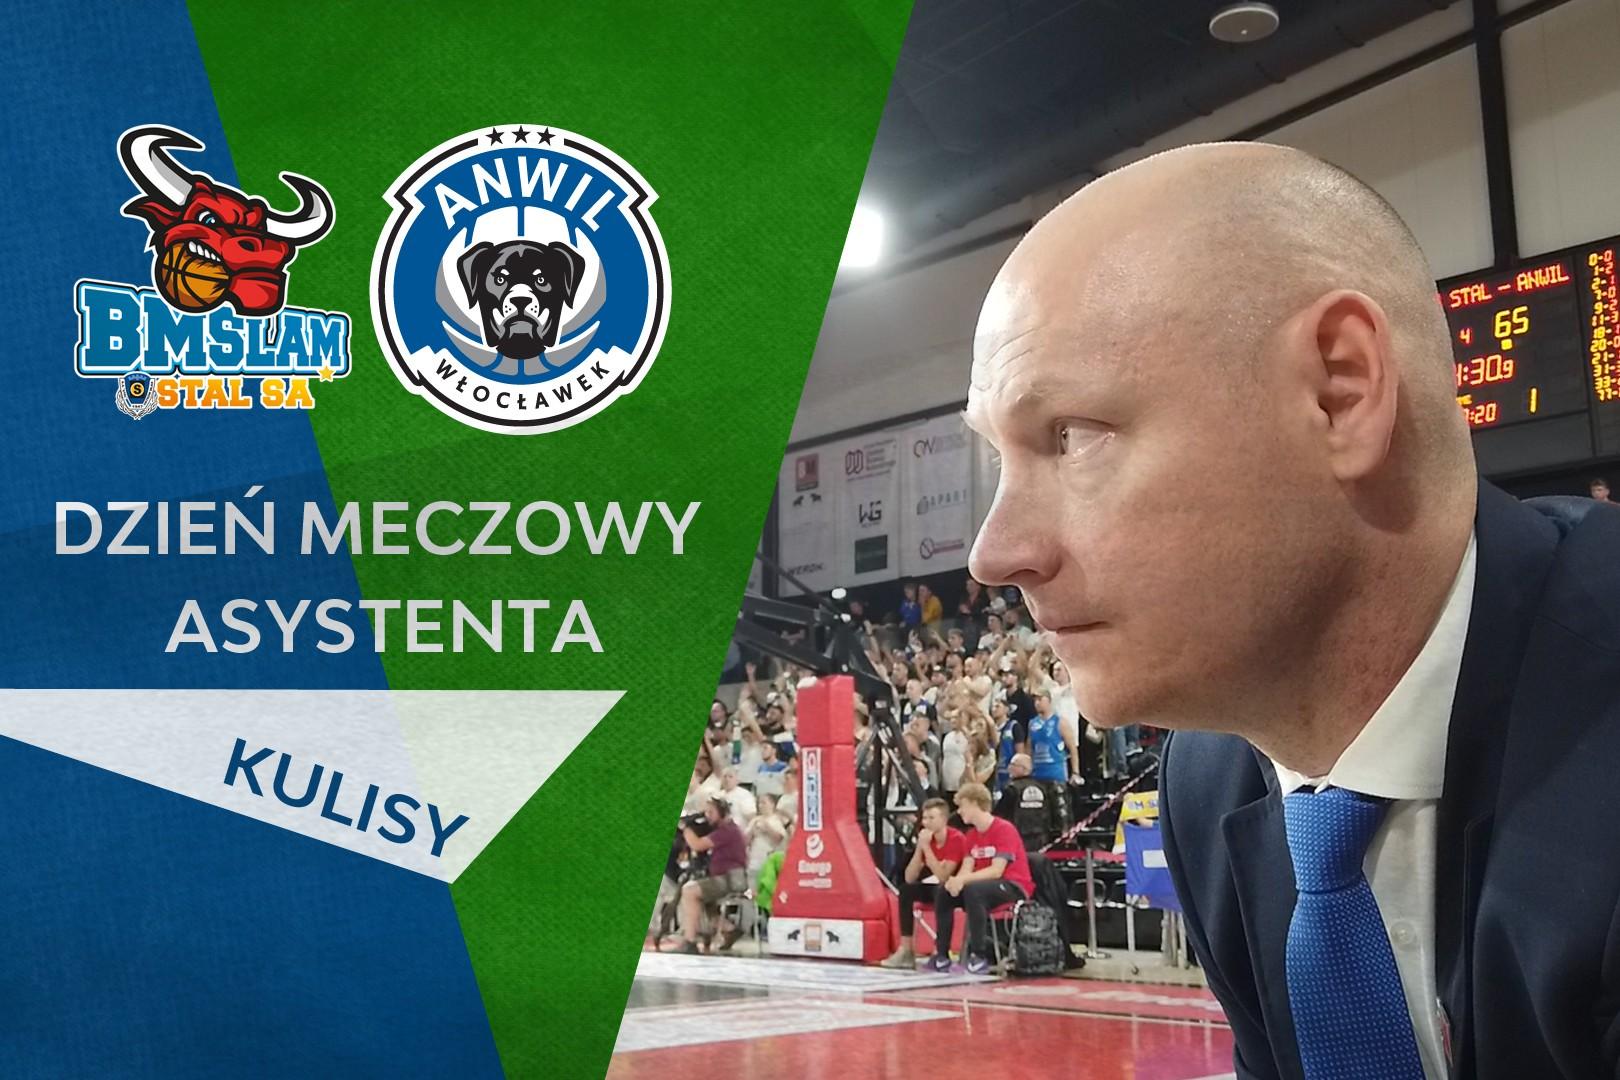 KULISY | Dzień meczowy okiem asystenta Grzegorza Kożana